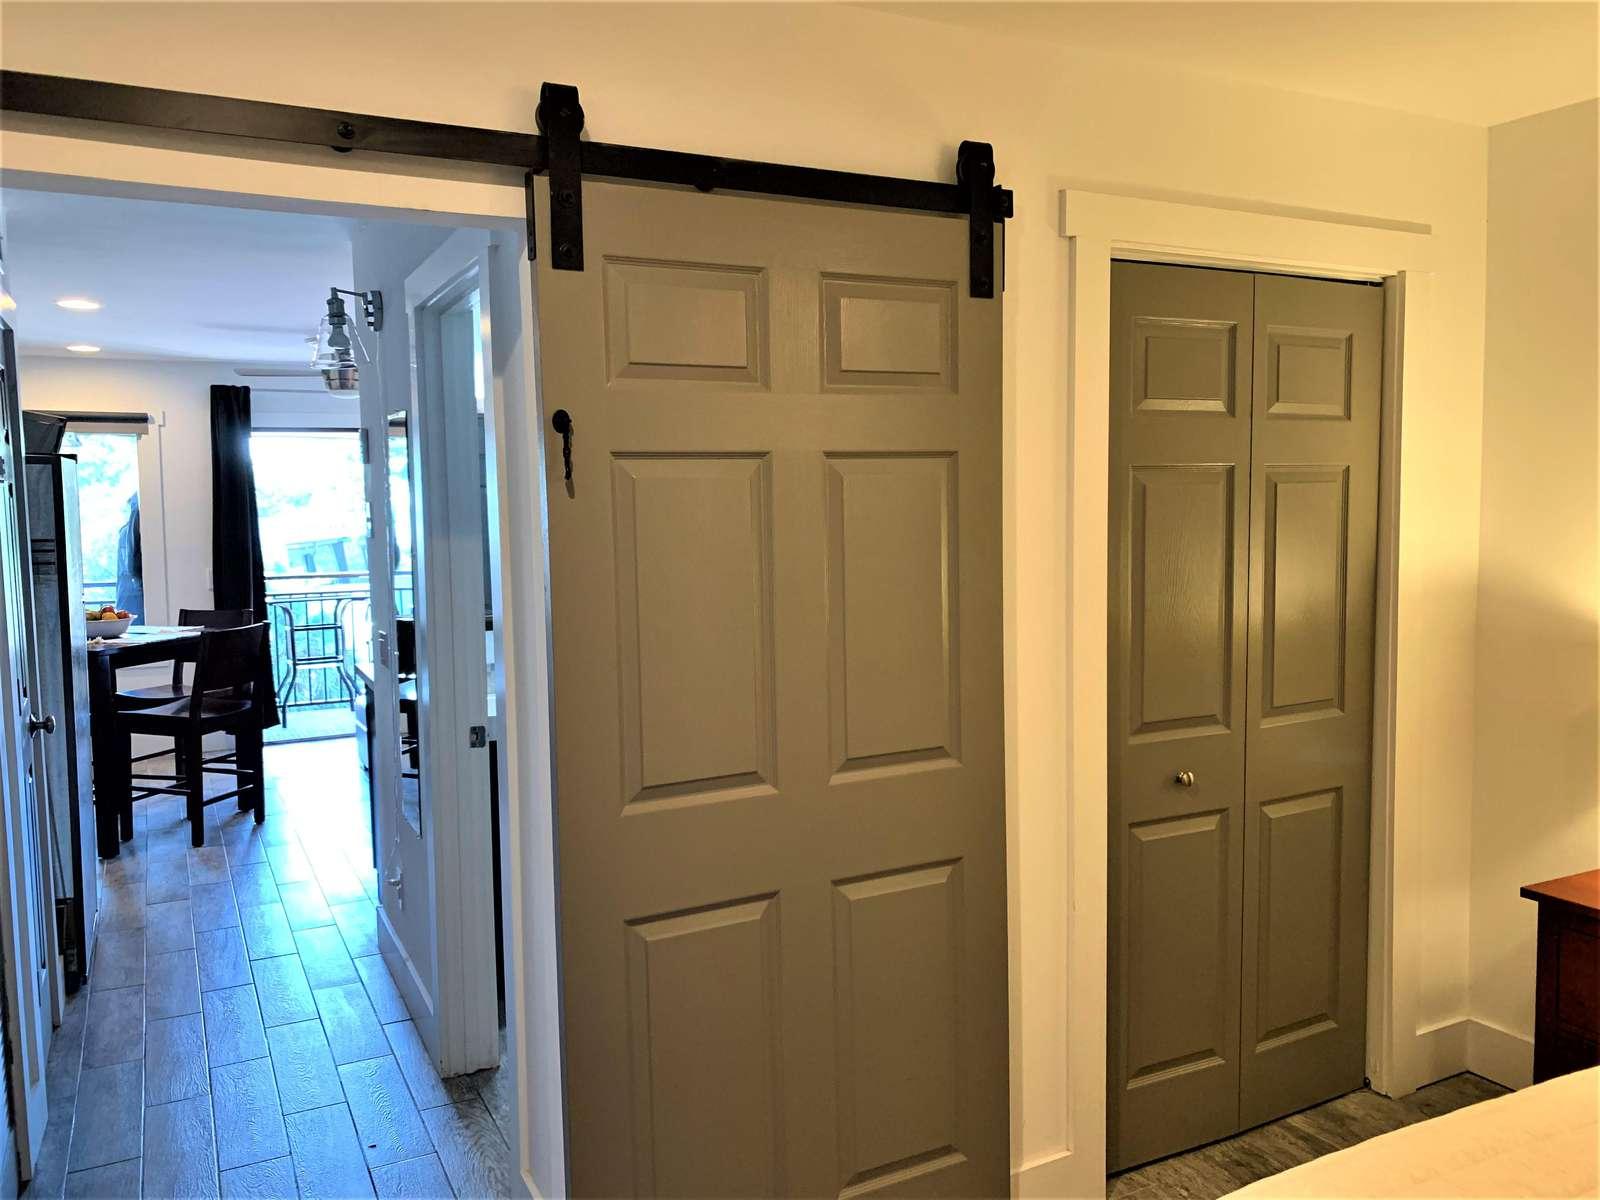 Barn Door for Sleeping Privacy in Bedroom